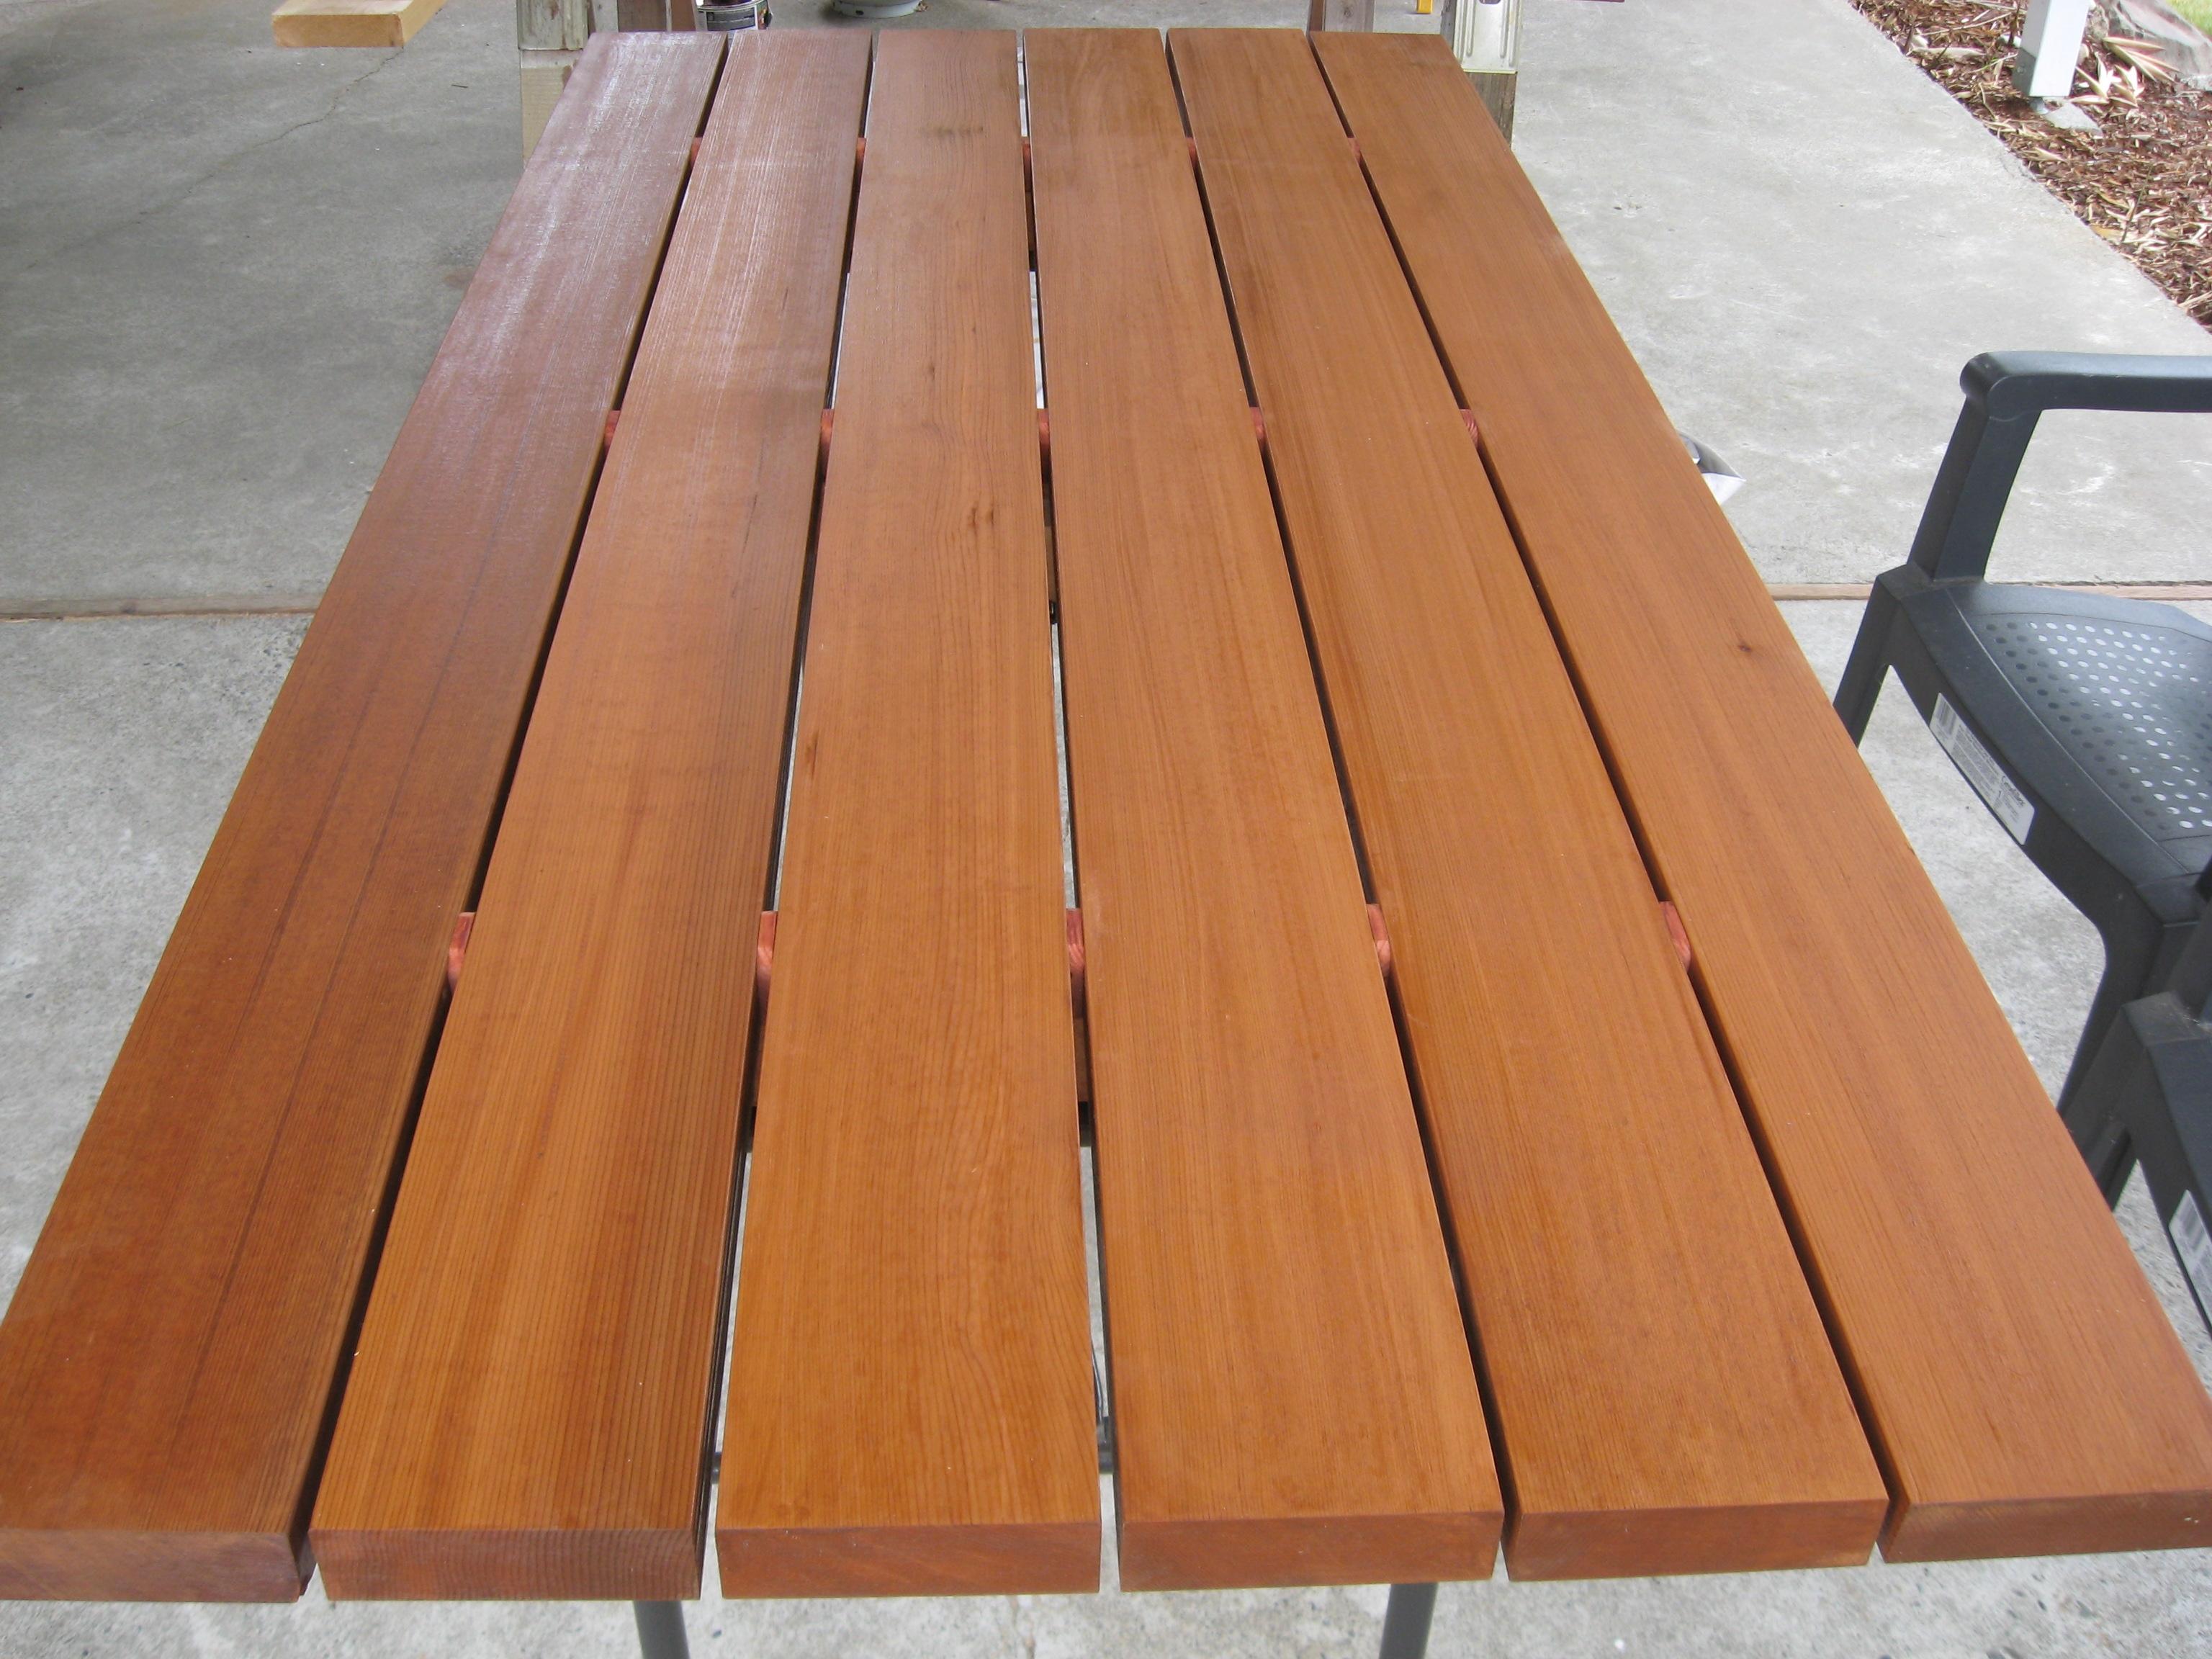 Cedar_Table 02 (3066405 Bytes) ...